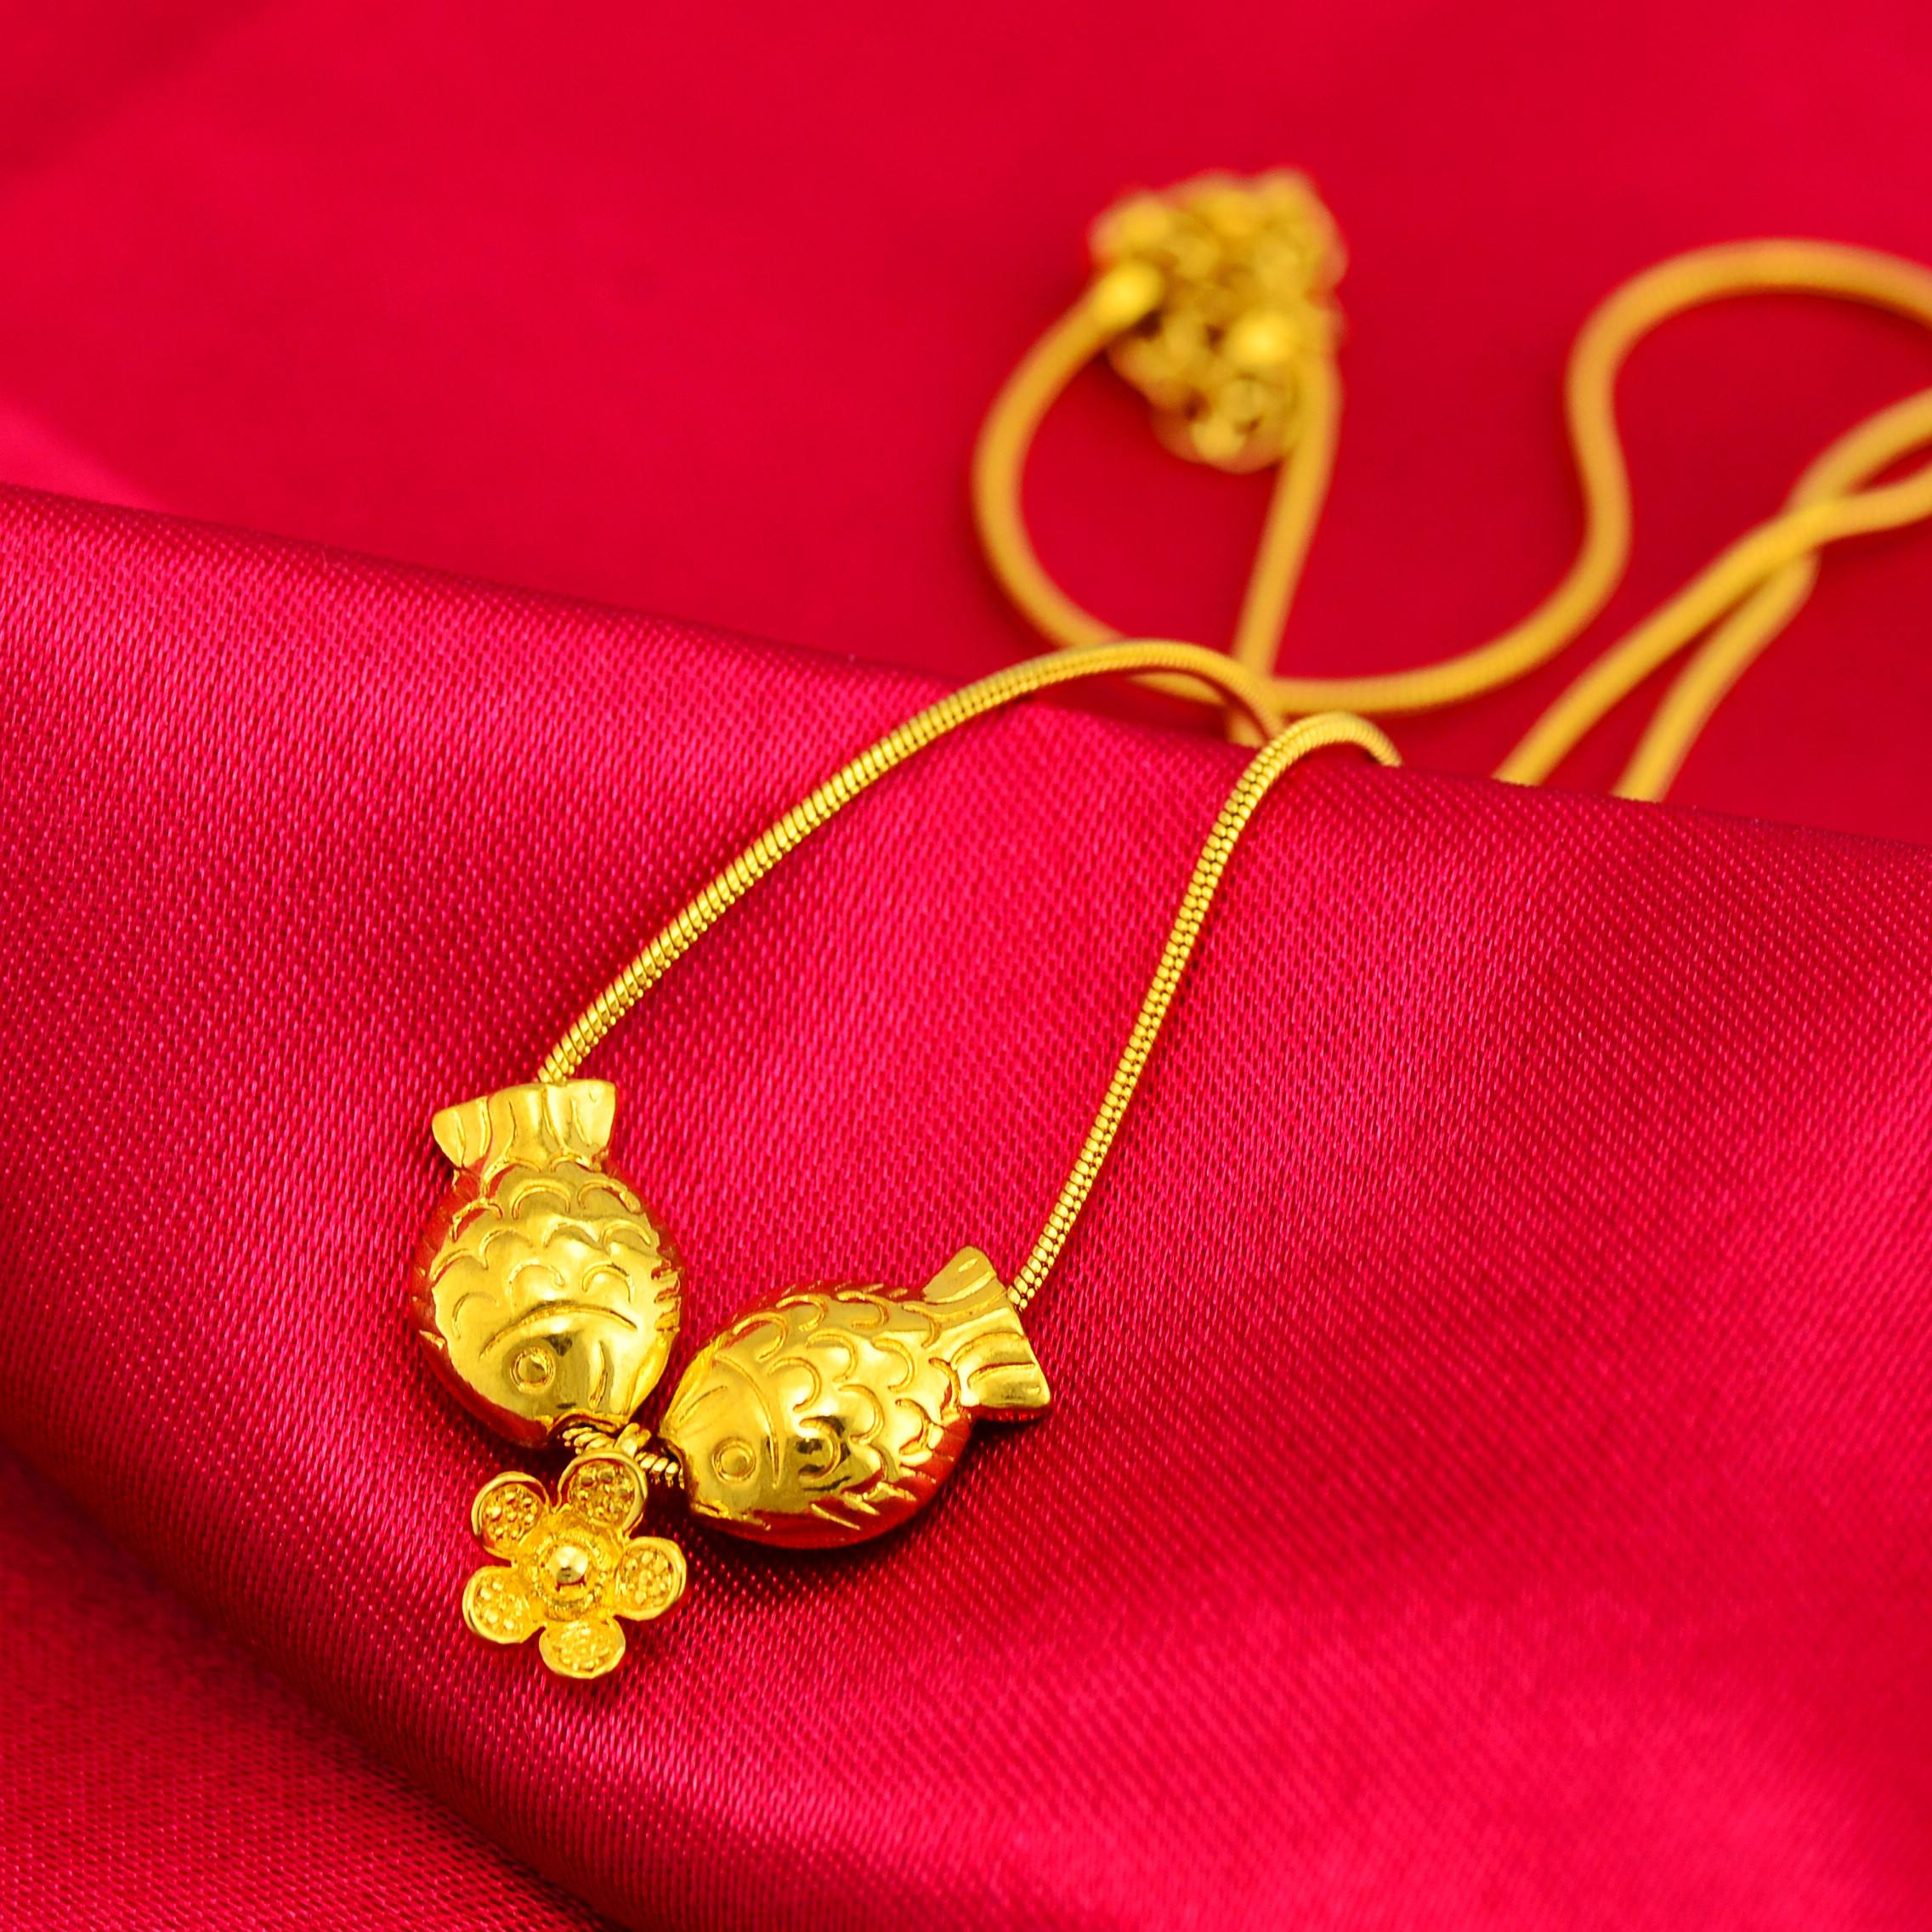 磨损的黄金首饰回收